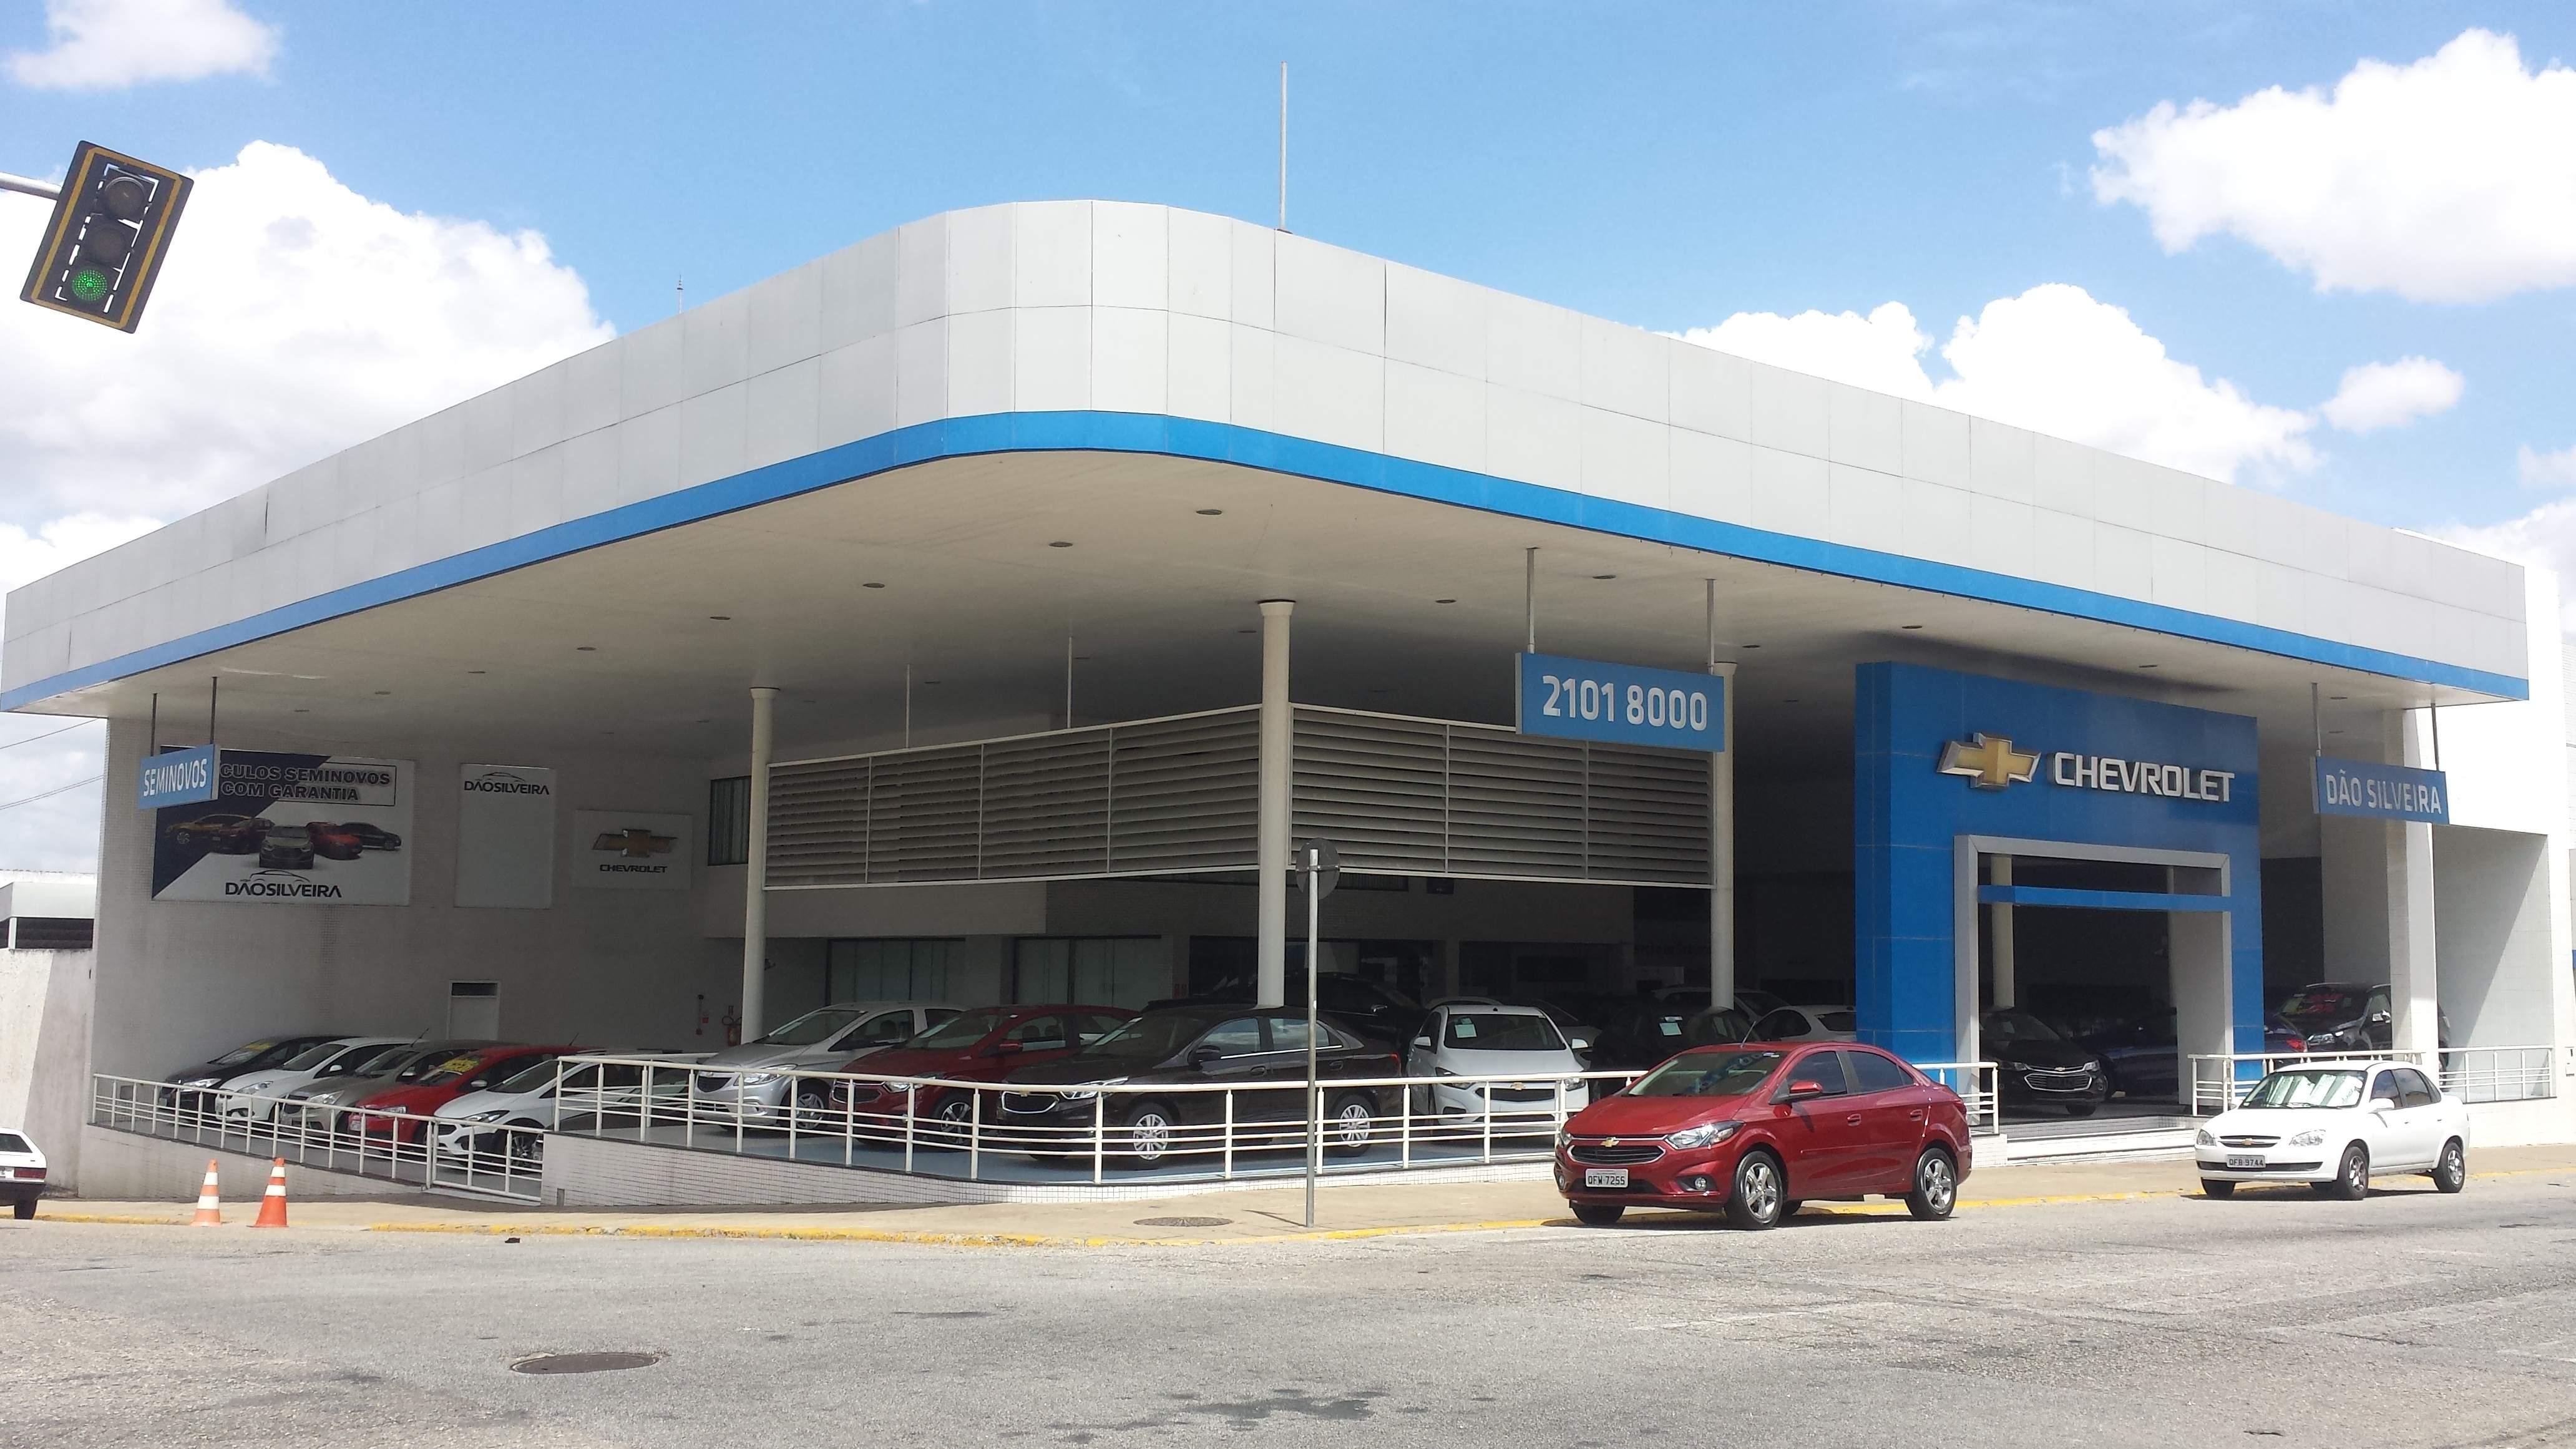 Fachada concessionária Chevrolet Dão Silveira.